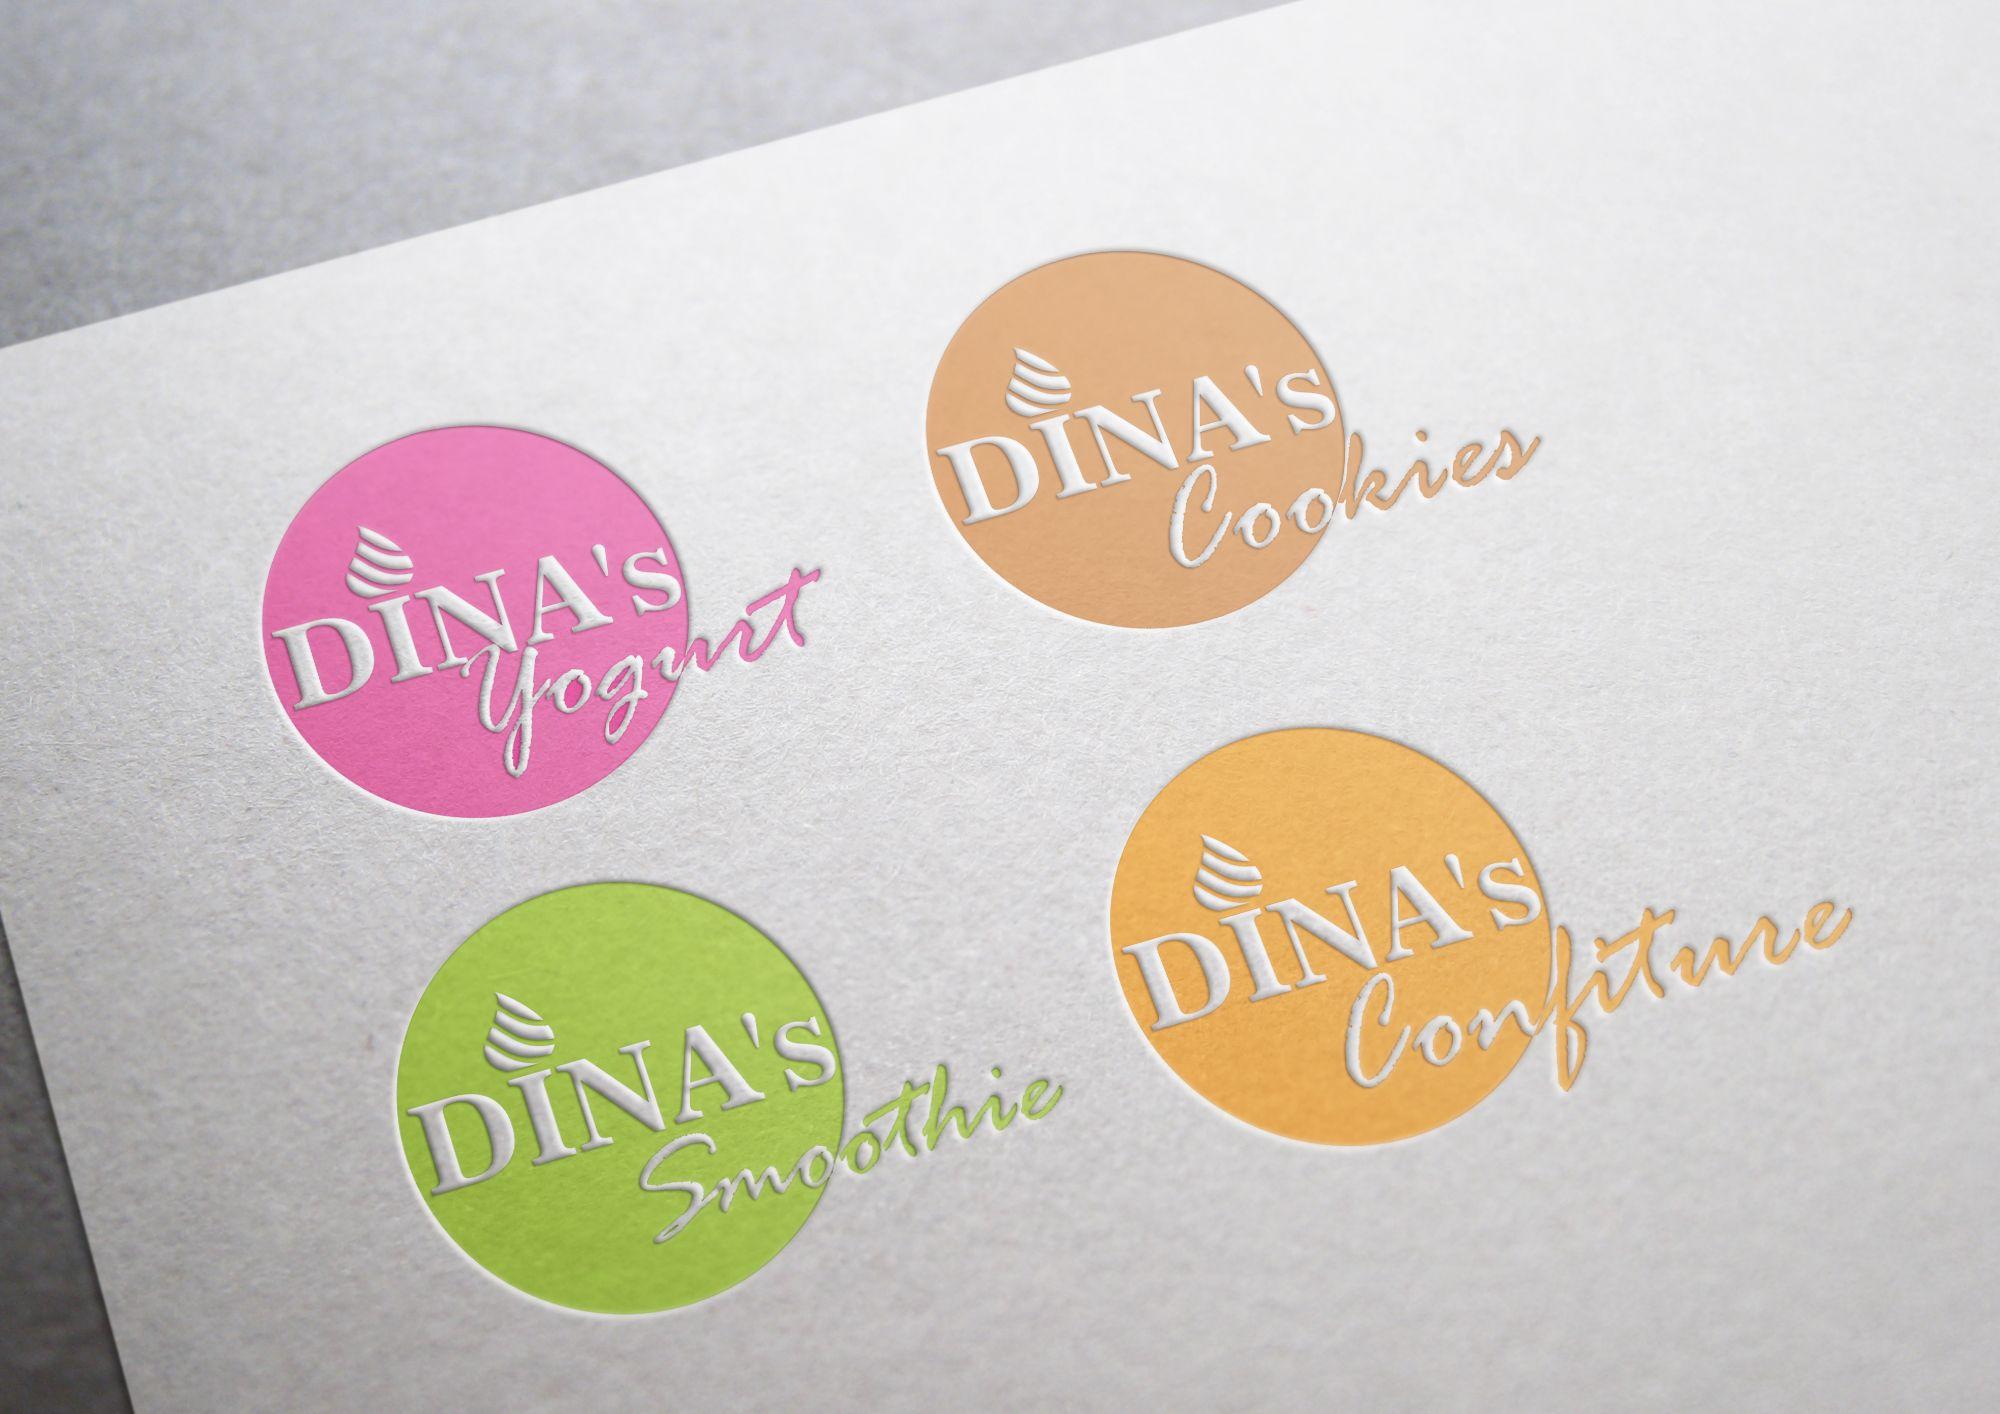 Лого для кондитерских изделий DINA's - дизайнер MEOW